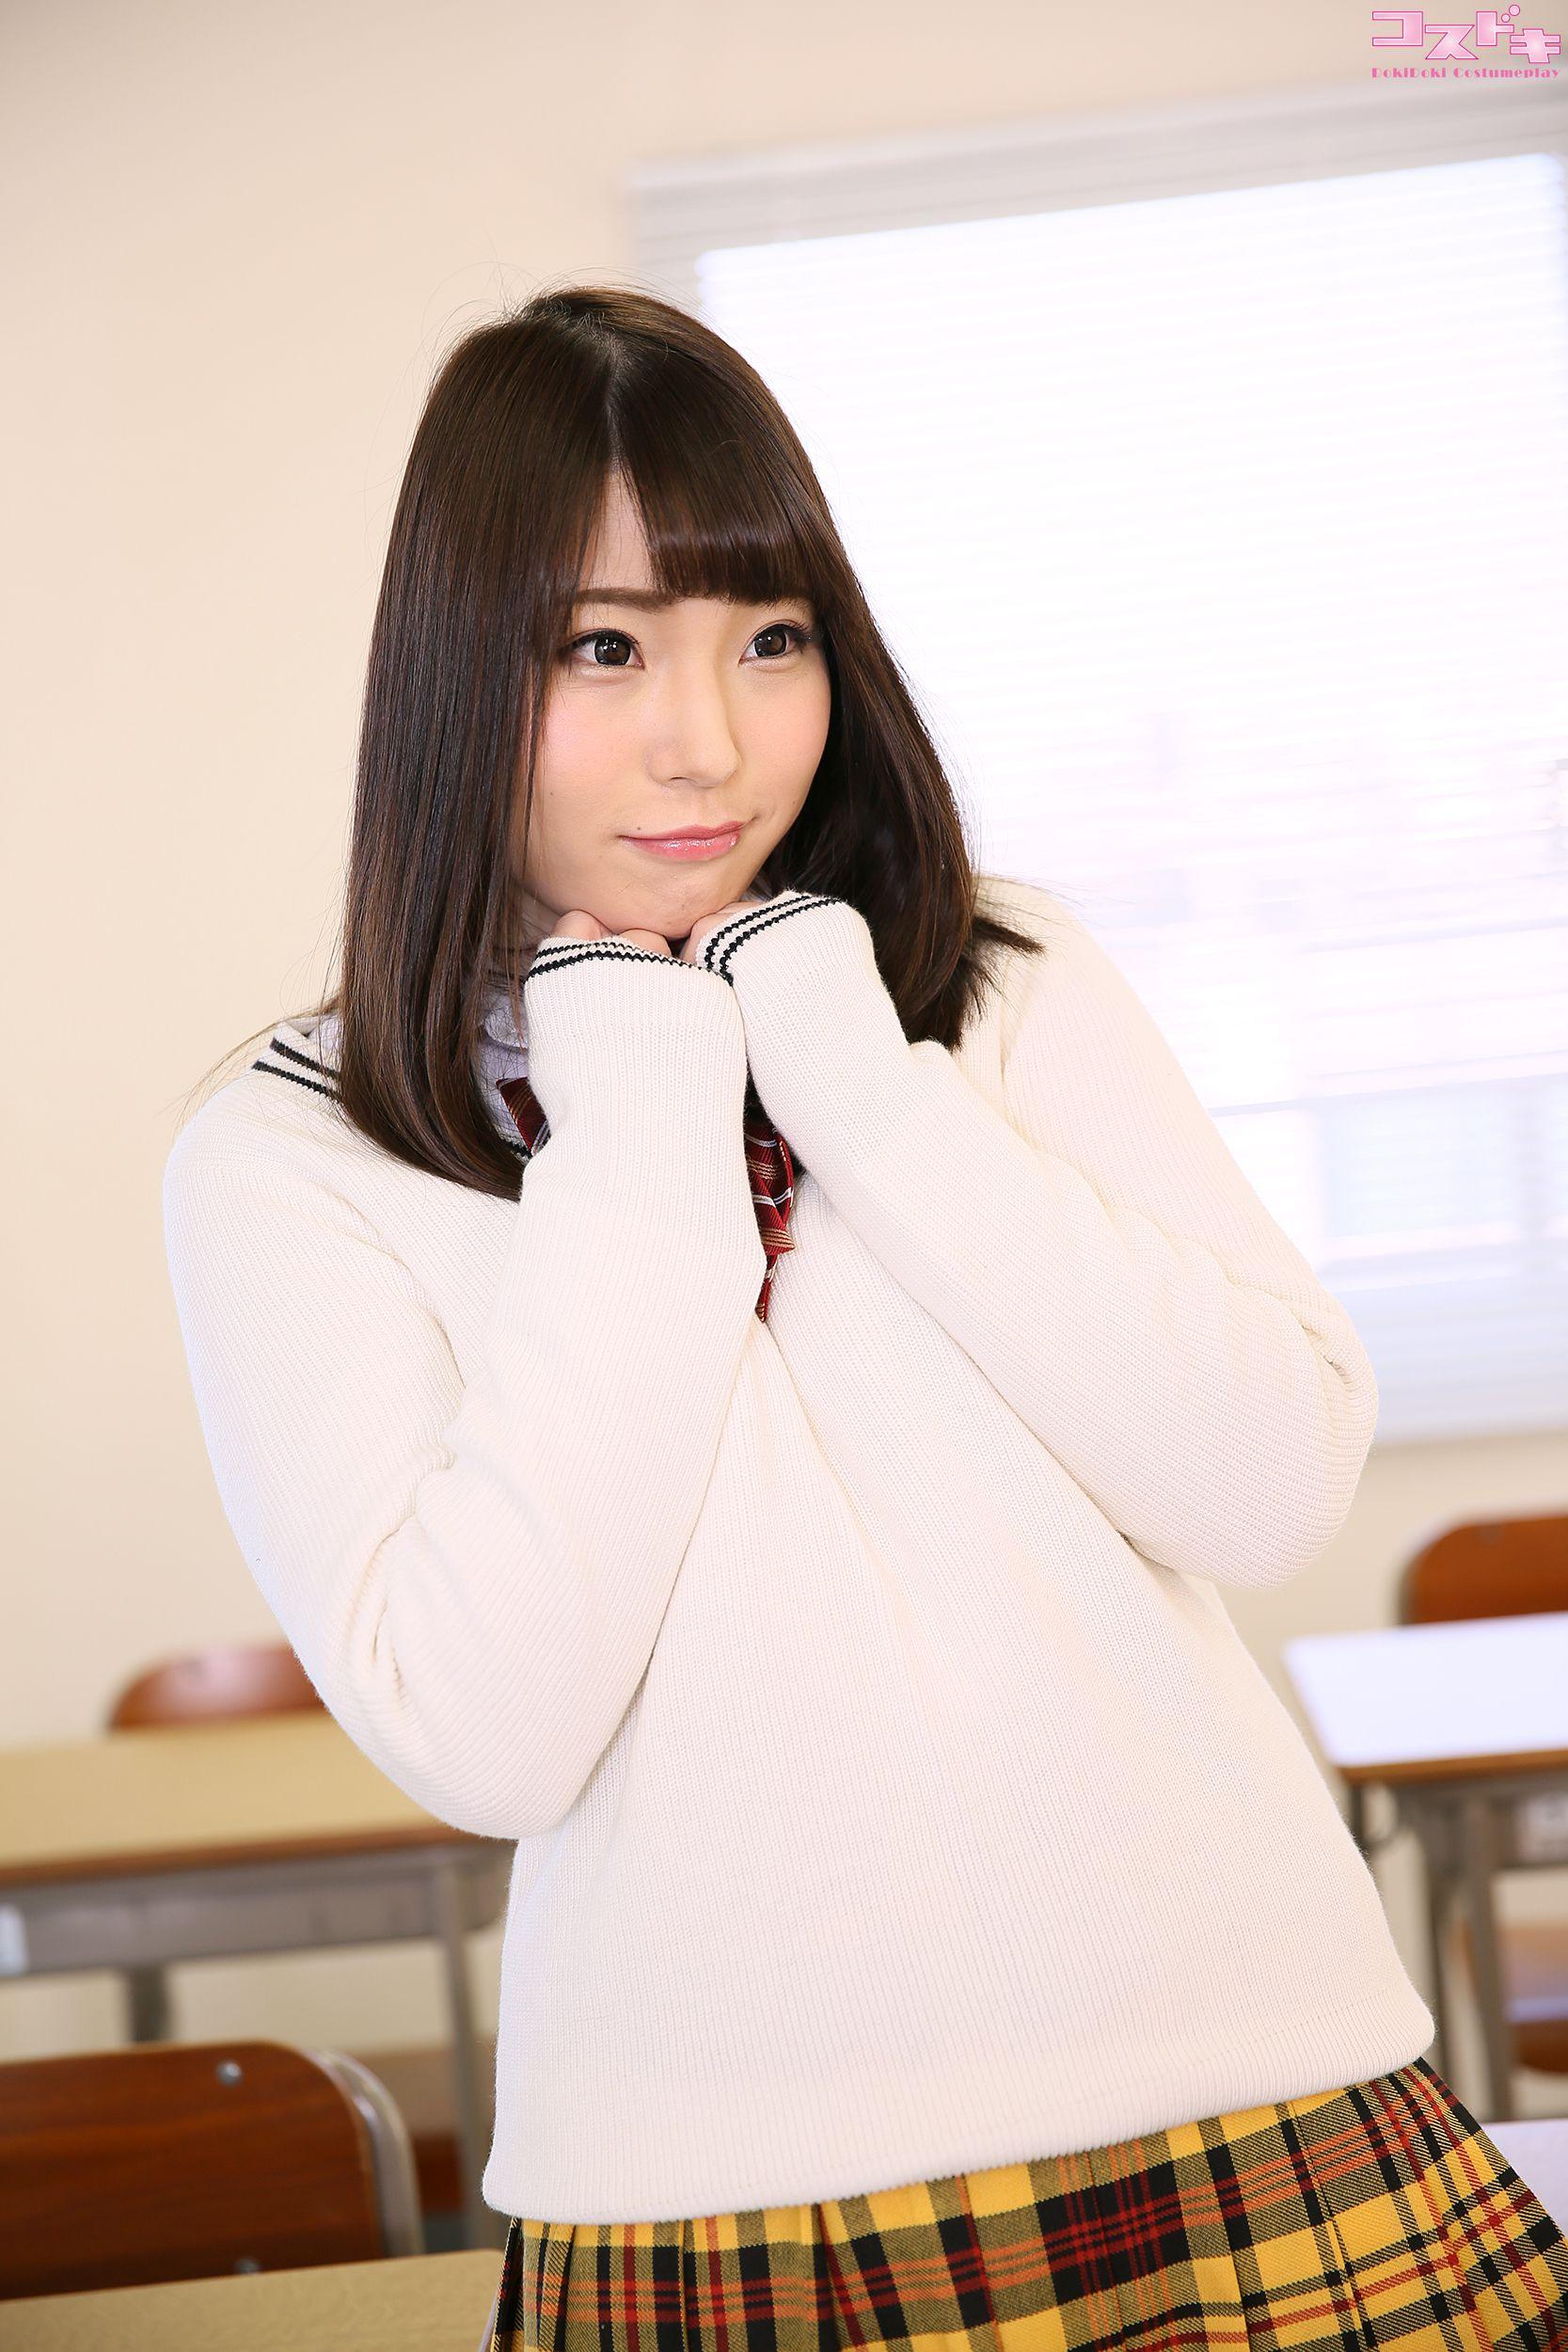 VOL.953 [Cosdoki]学生装:凉宫真白(涼宮ましろ)超高清写真套图(50P)